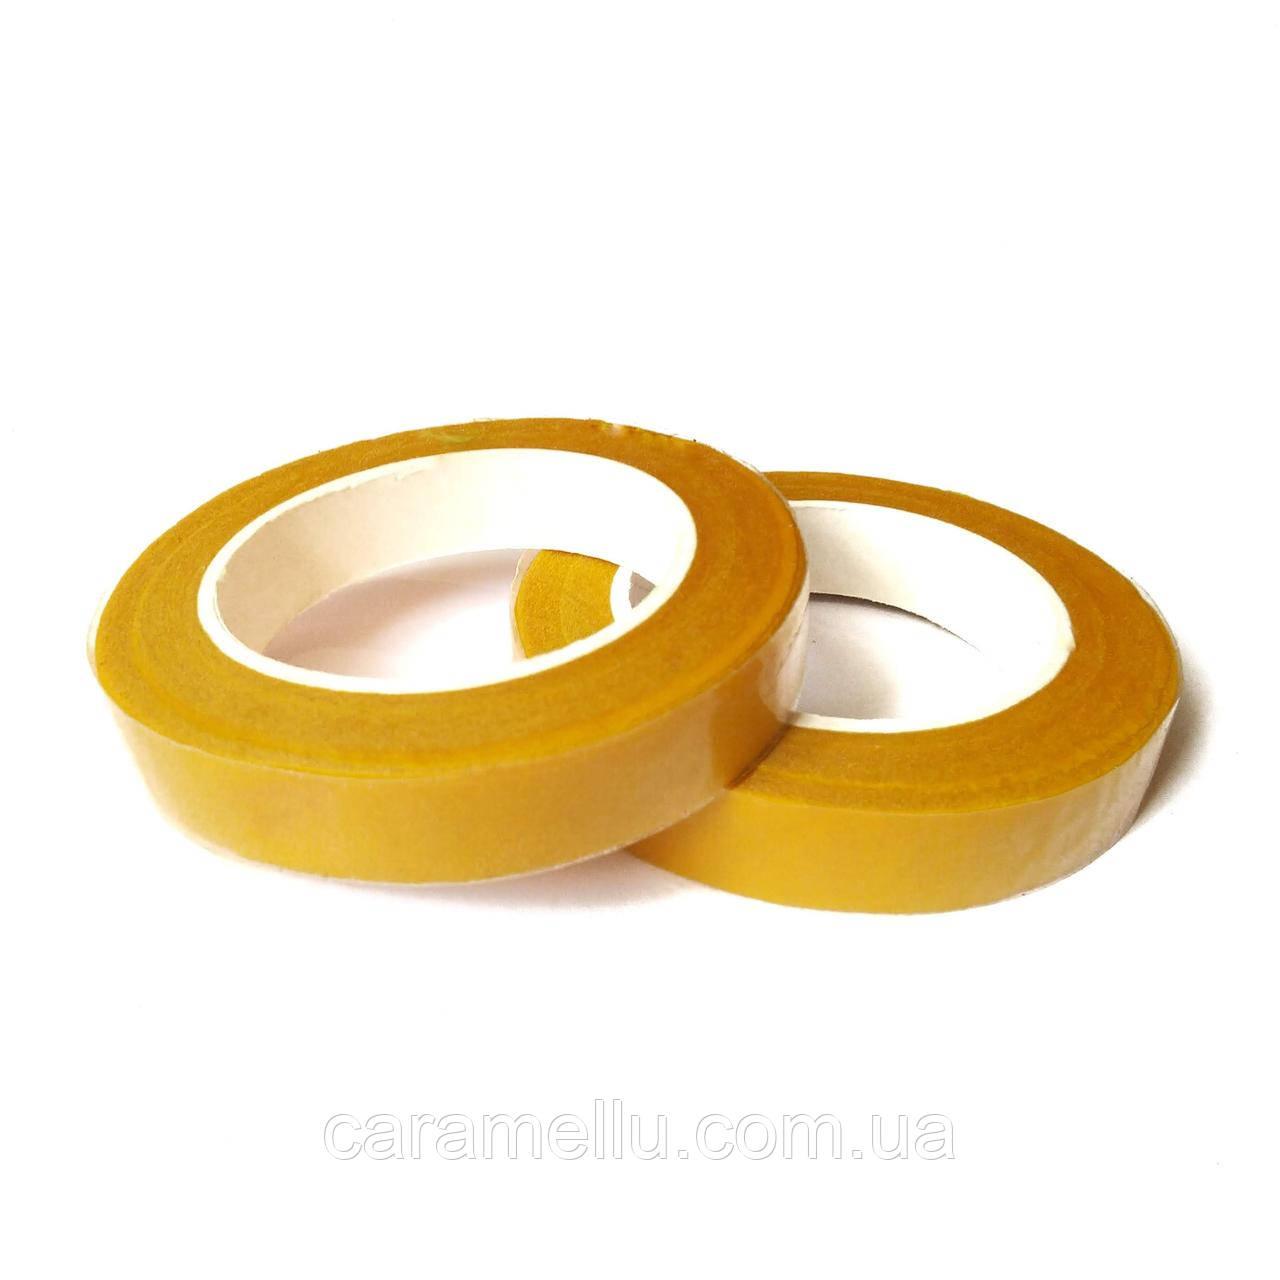 Тейп-лента желтая.18м